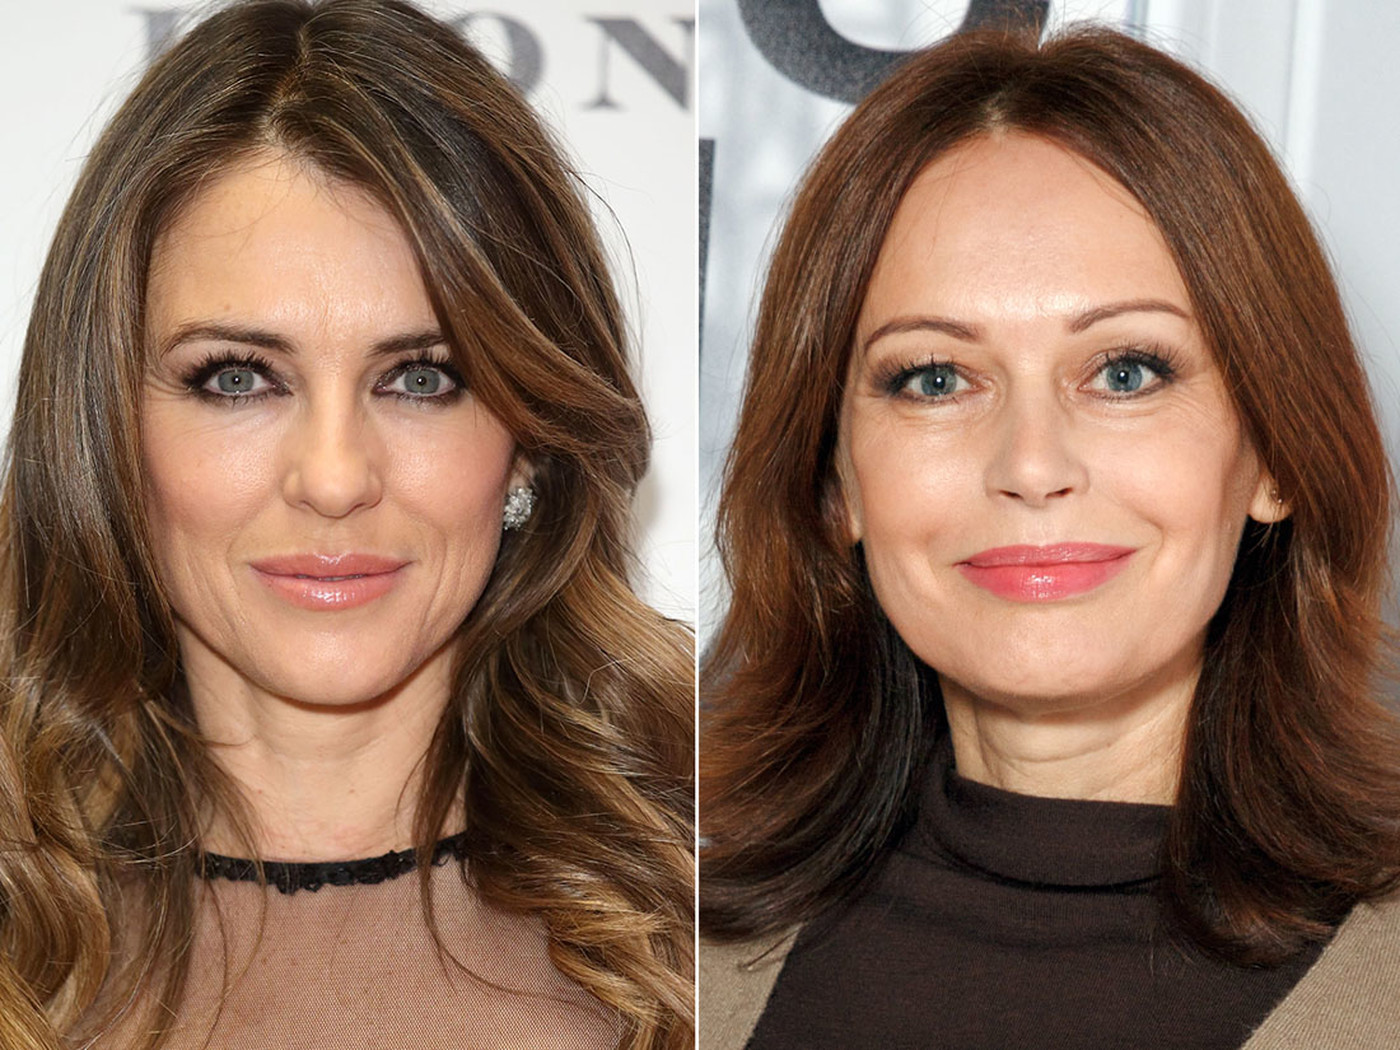 Элизабет Херли и Ирина Безрукова, 1965 года рождения, 51 год Обе актрисы не стареют ни душой, ни тел